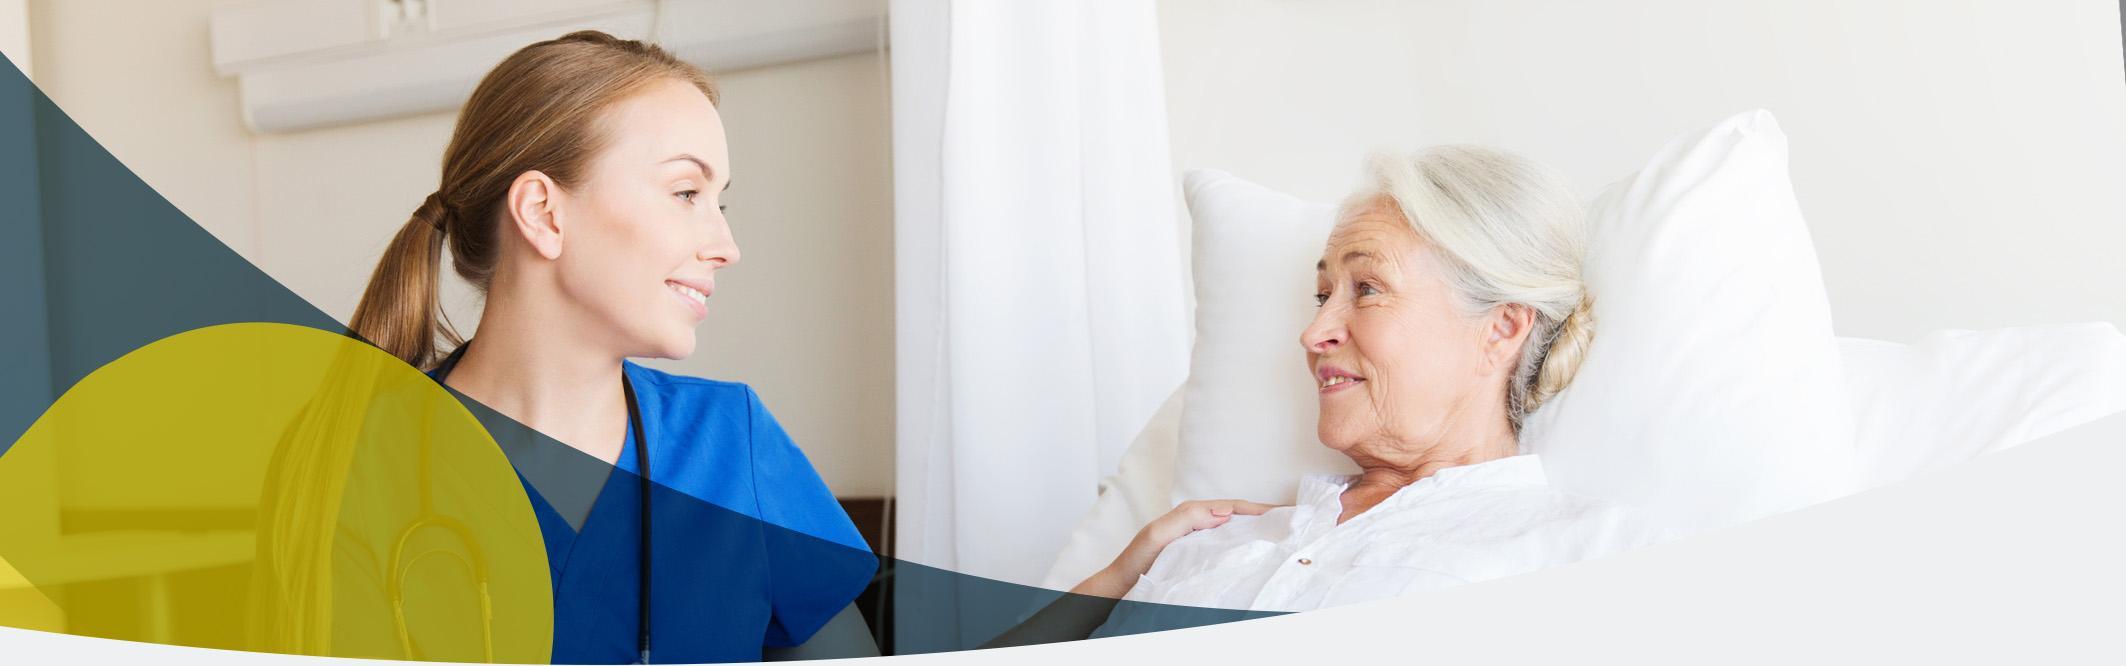 Erstversorgung bei Amputation - Vorbereitung für die Prothese